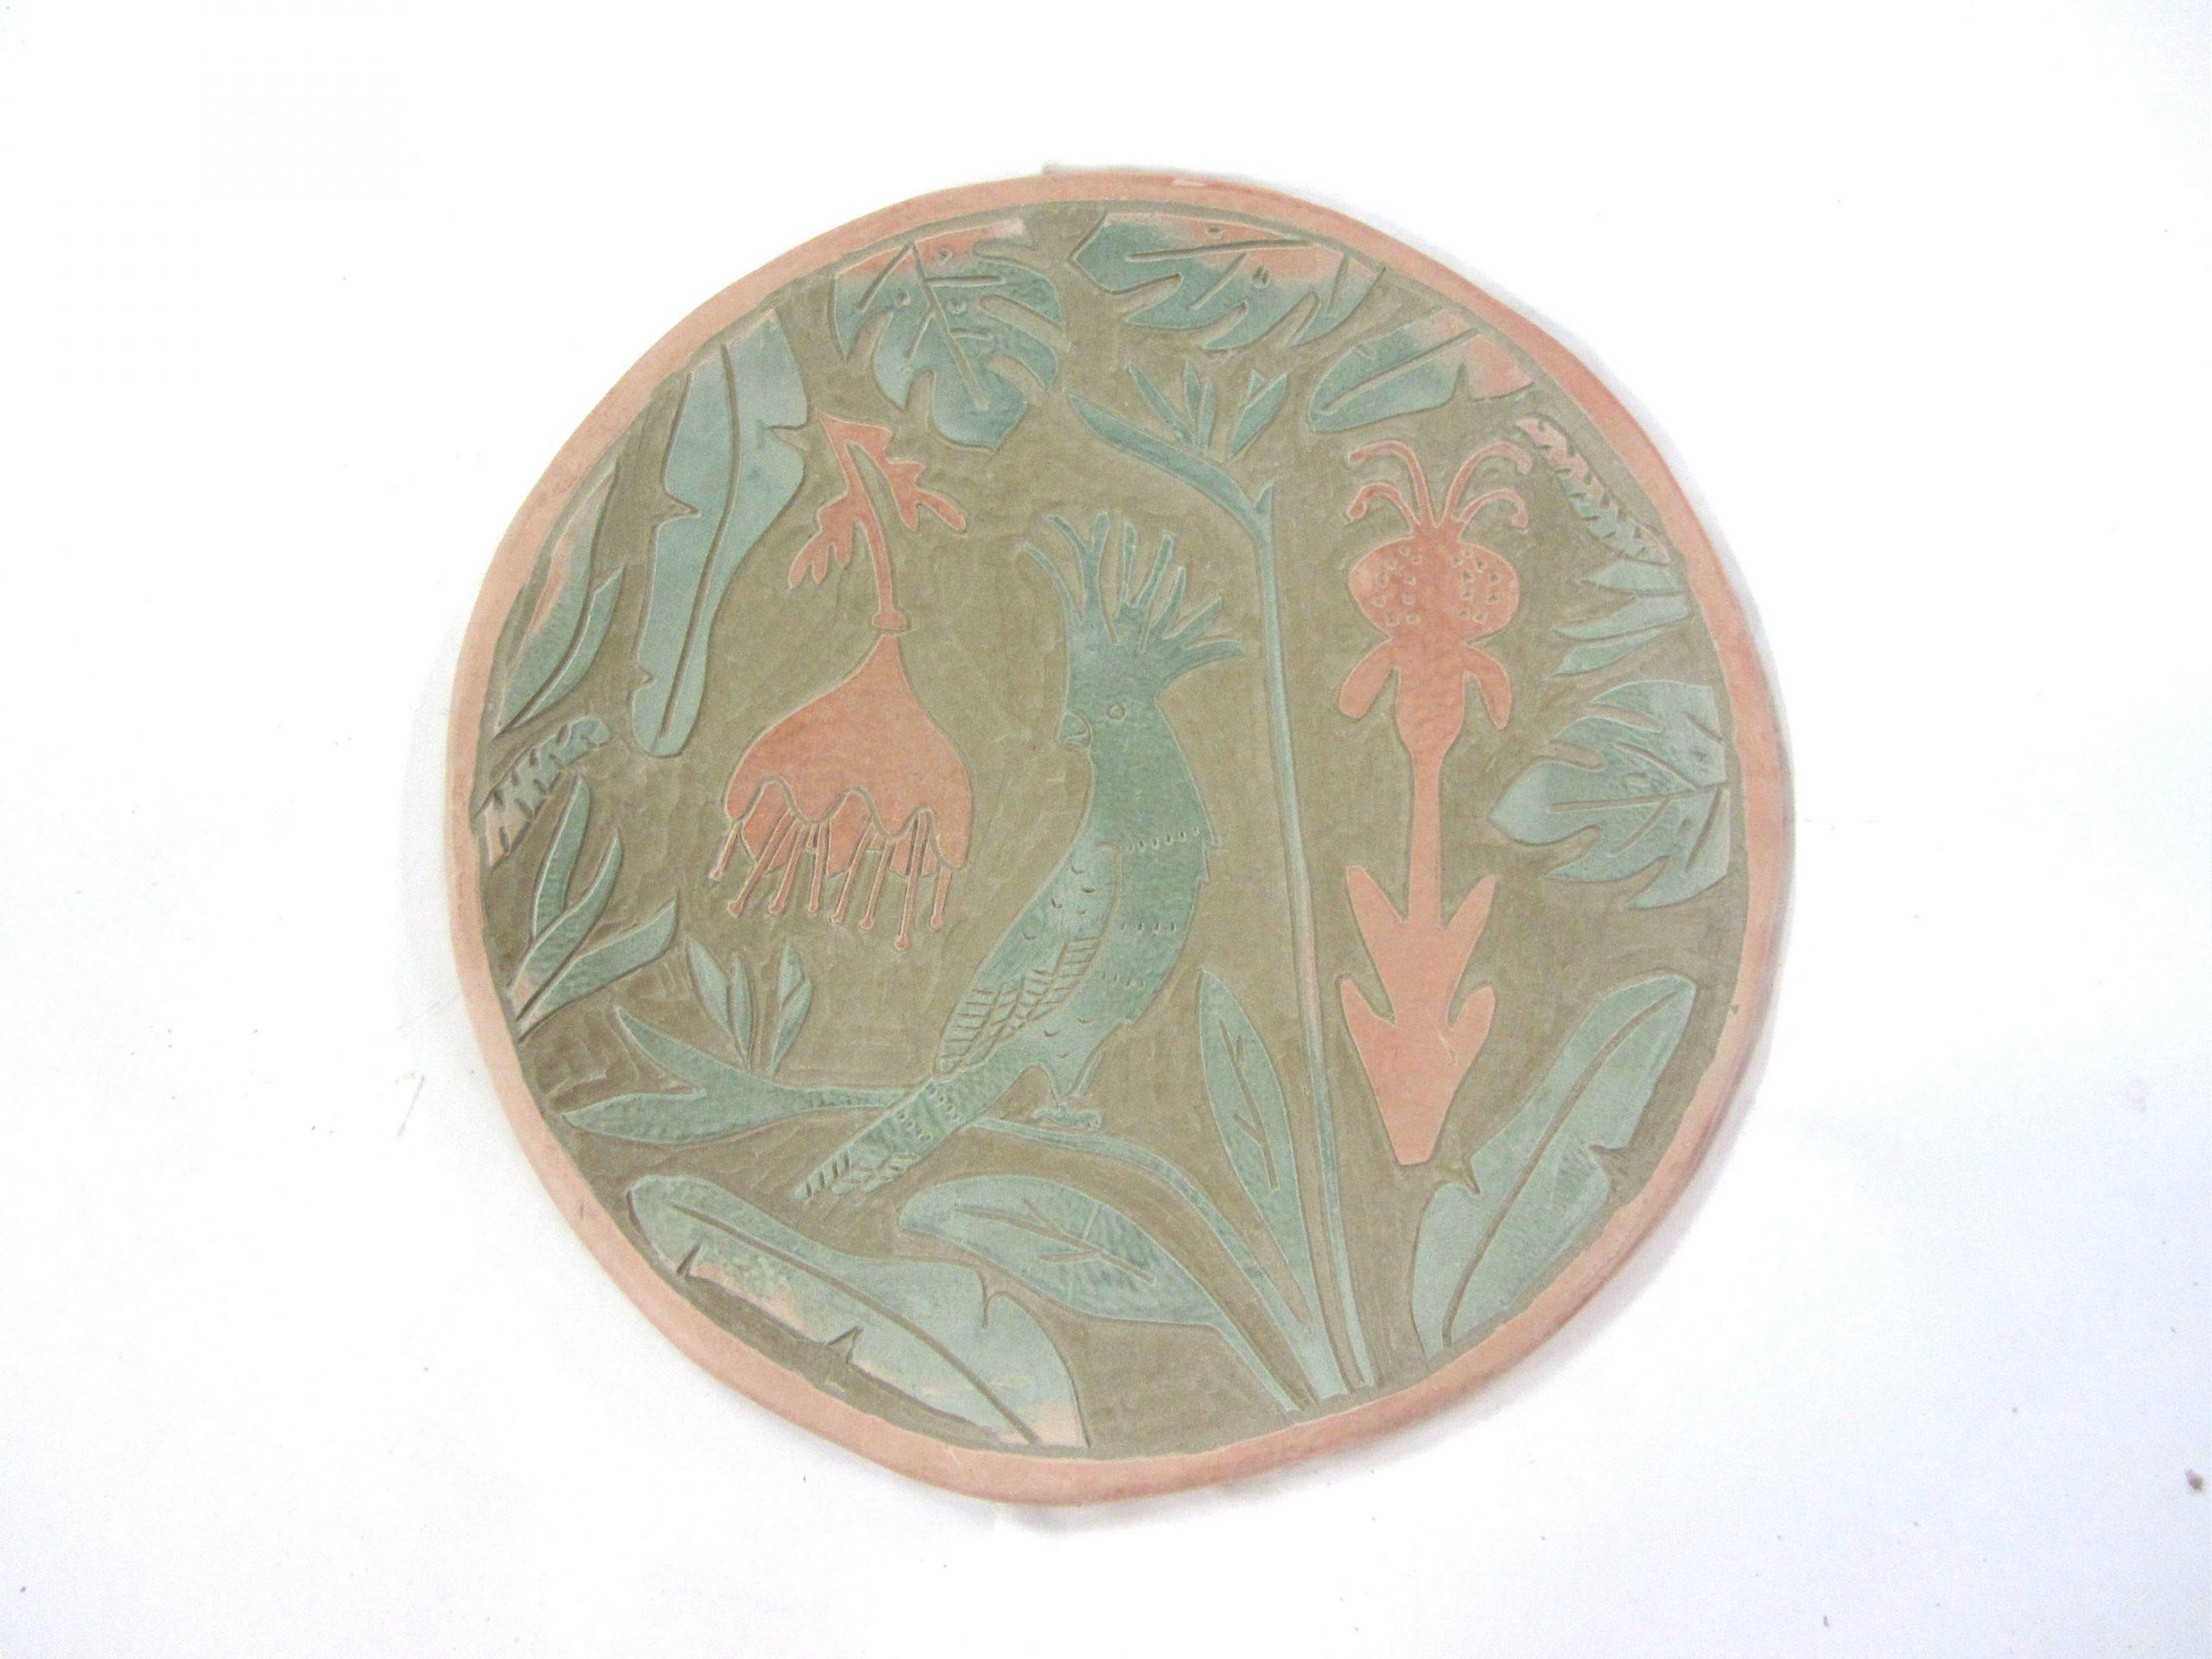 Proceso esgrafiado cerámica ilustrada artesanal